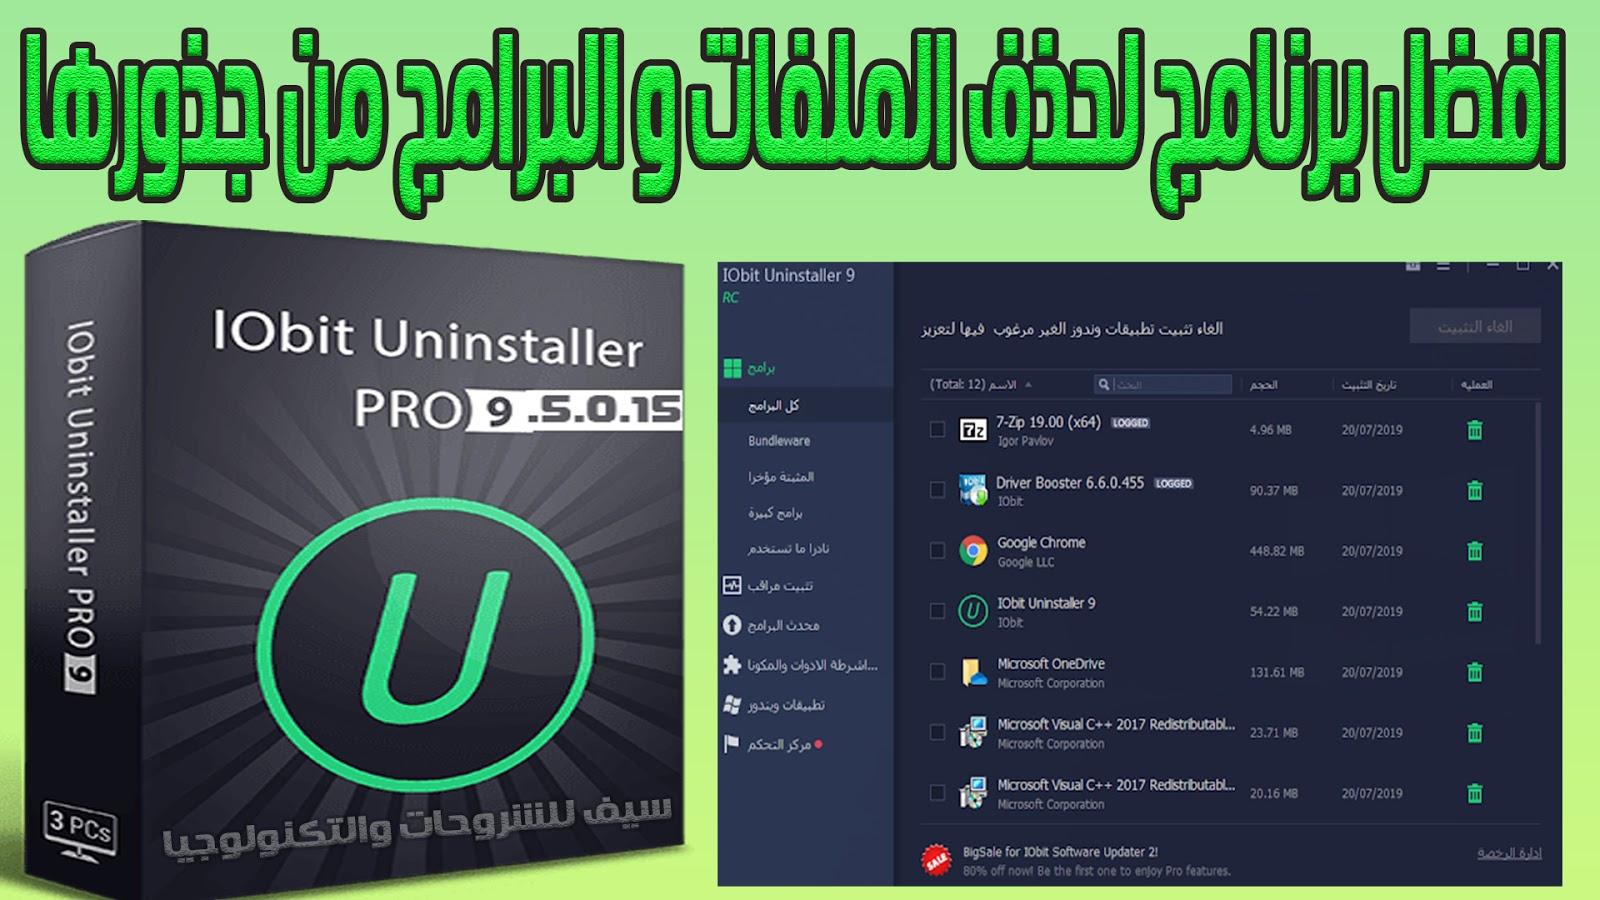 تحميل برنامج IObit Uninstaller Pro 9.5.0.15 عملاق حذف البرامج من جذورها نسخة كاملة